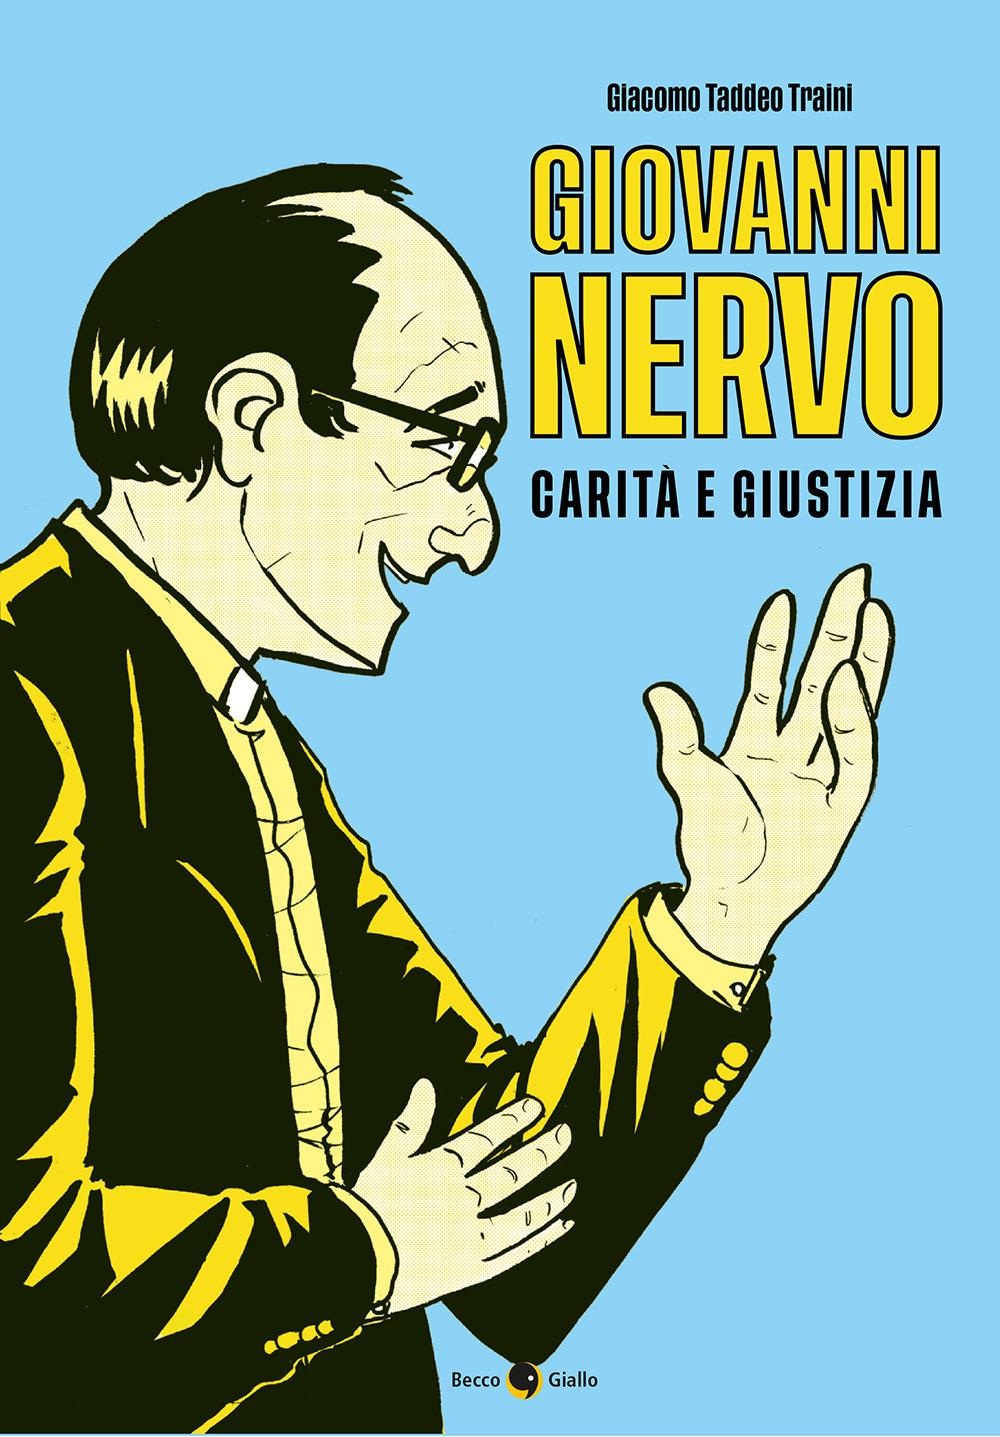 GIOVANNI NERVO - Traini Giacomo Taddeo - 9788833141169